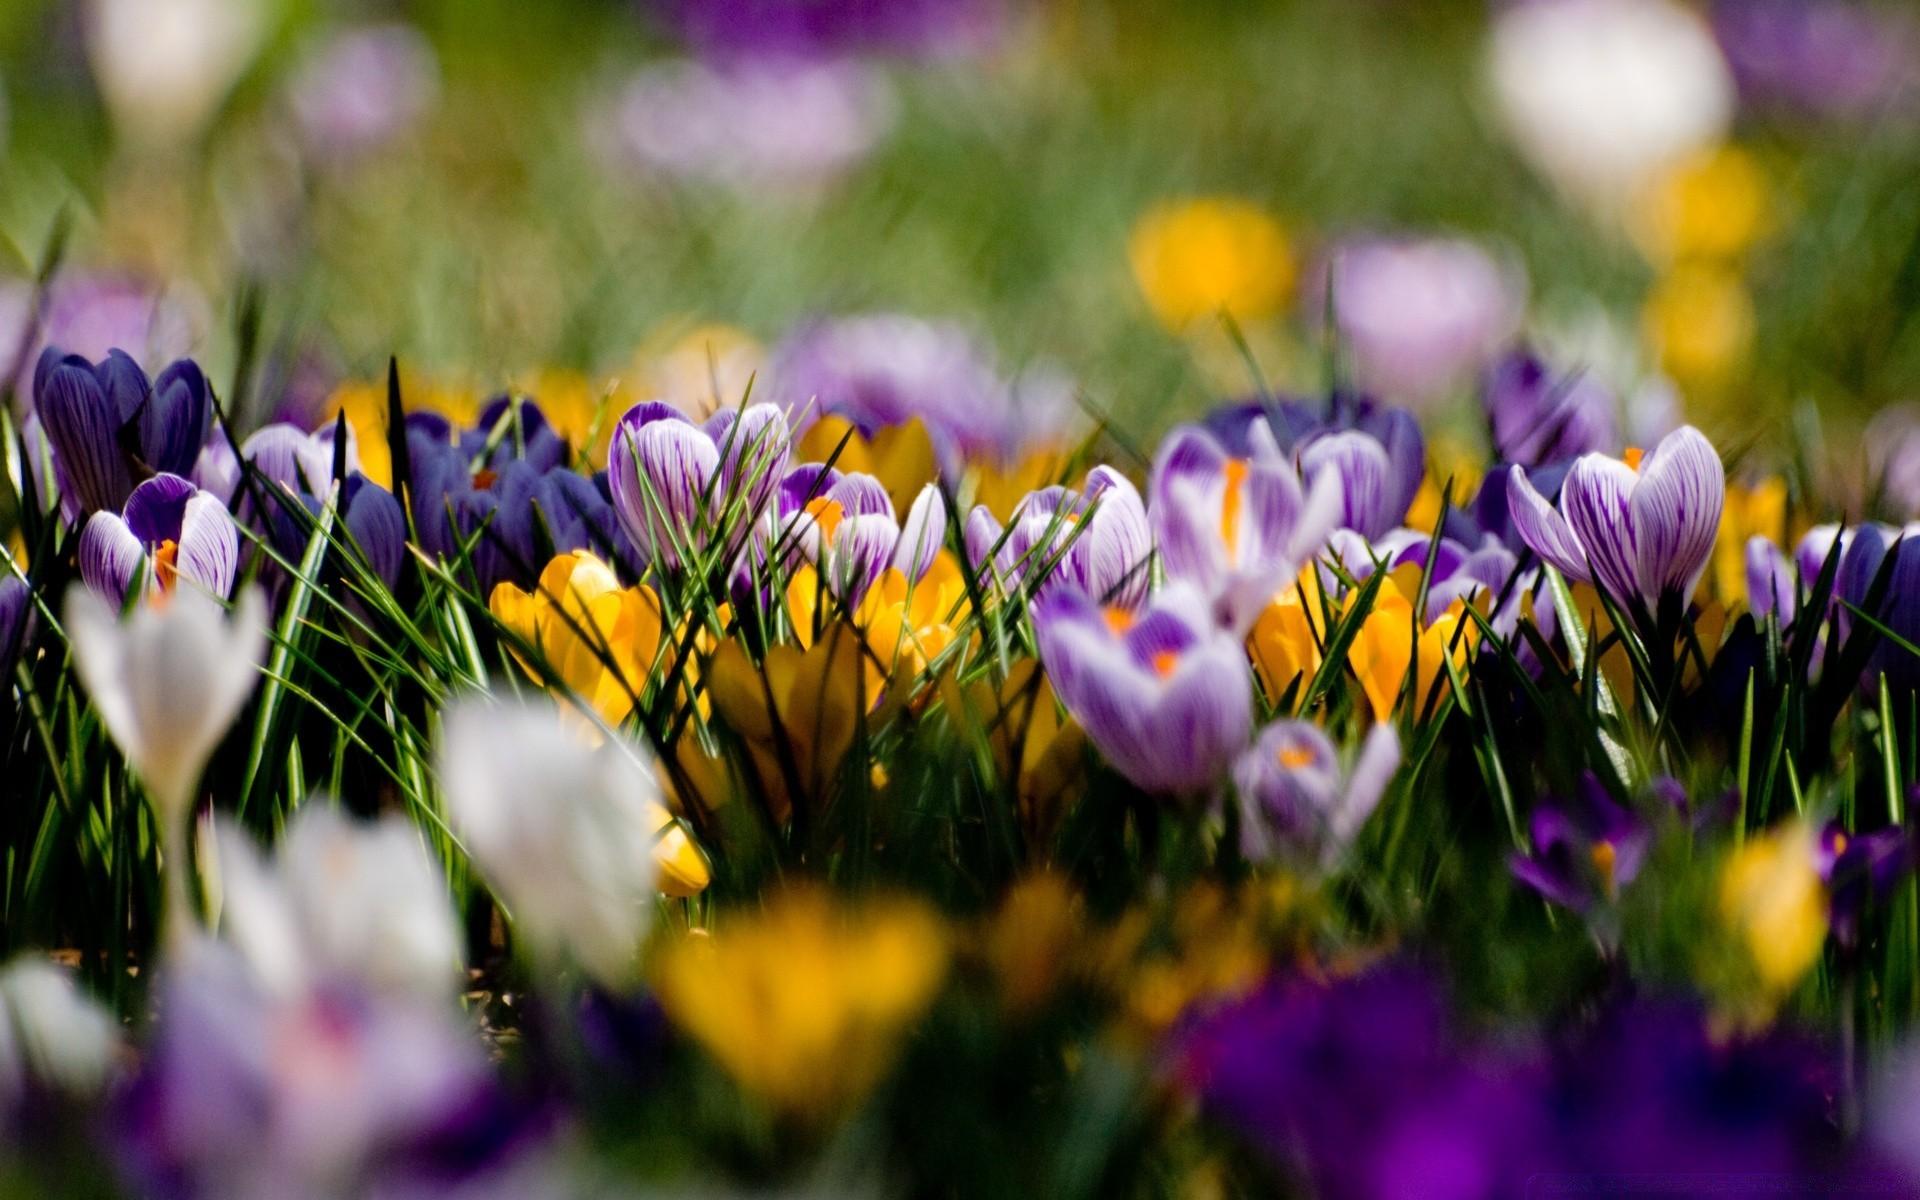 красивые картинки весна на рабочий стол широкоформатные был ранен